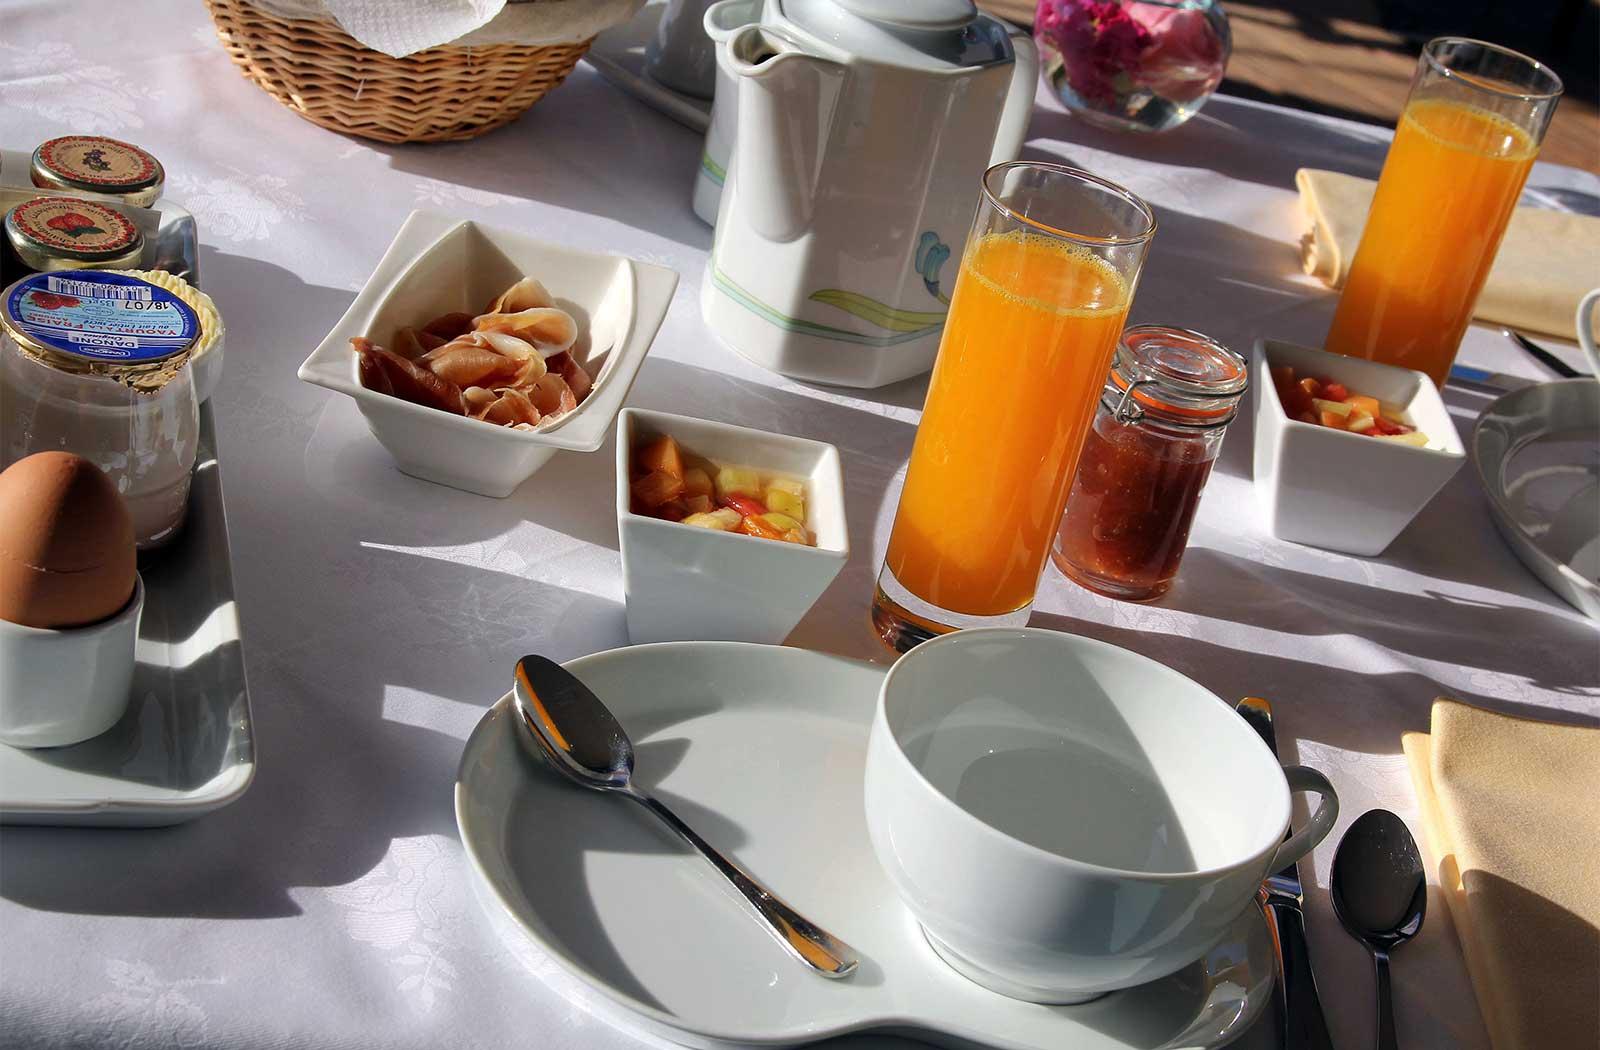 petit-dejeuner hotel la montagne de brancion salle-de-bain - hôtel - la montagne de brancion entre Tournus et Cluny